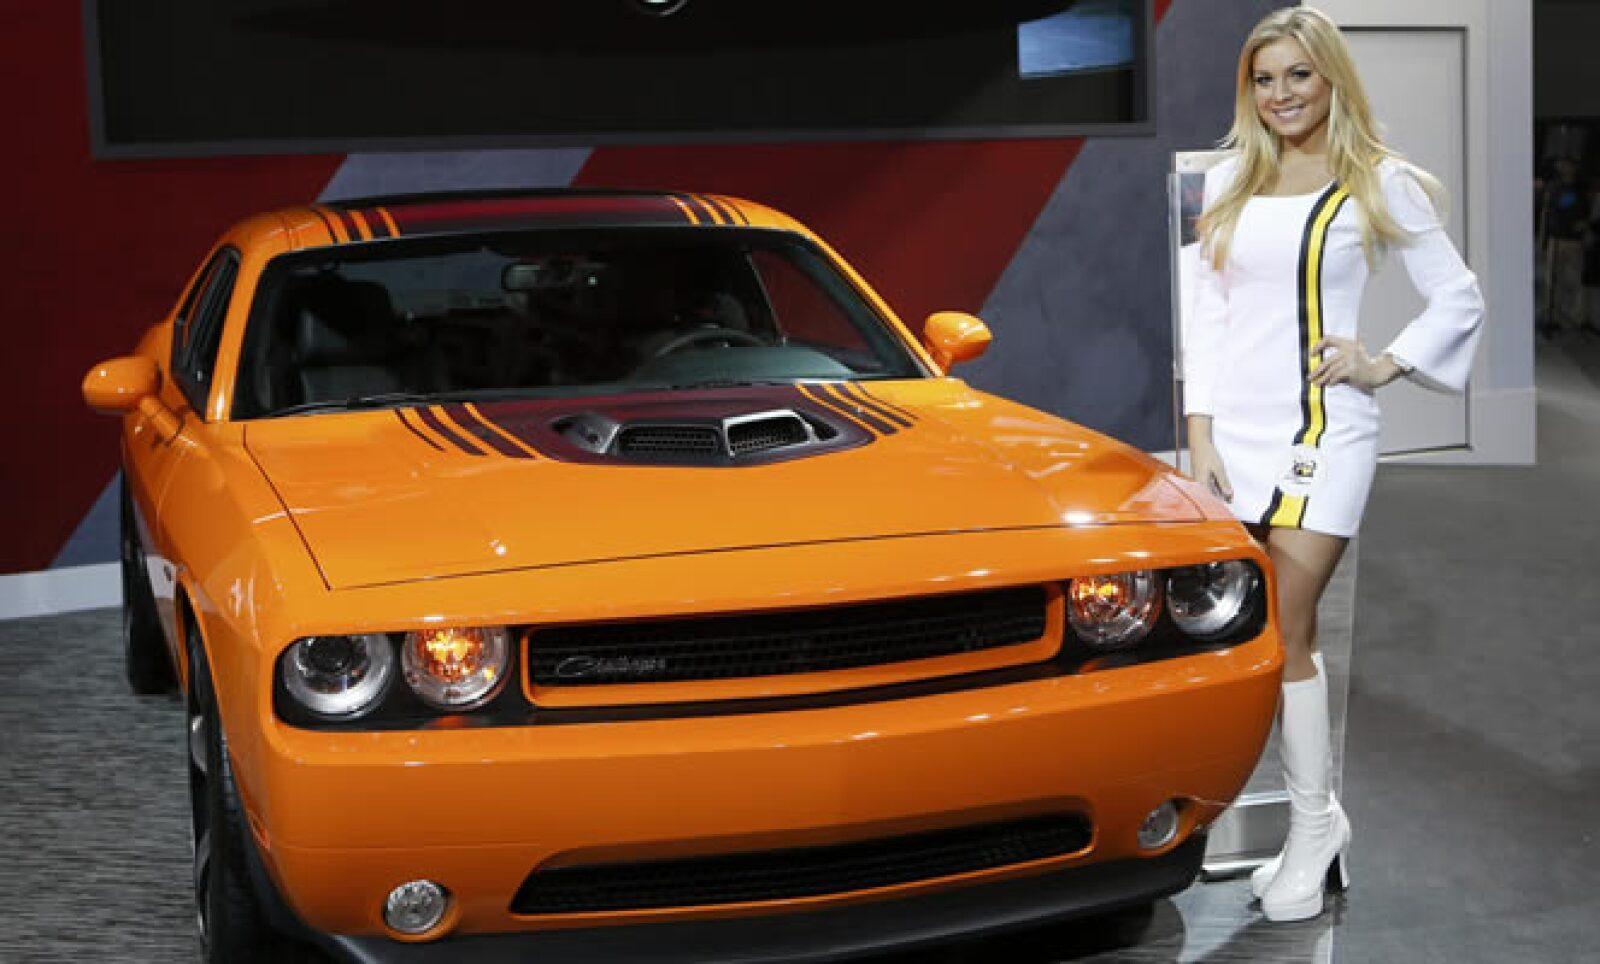 El auto Dodge fue presentado en el Salón Internacional del Automóvil de Detroit este martes.